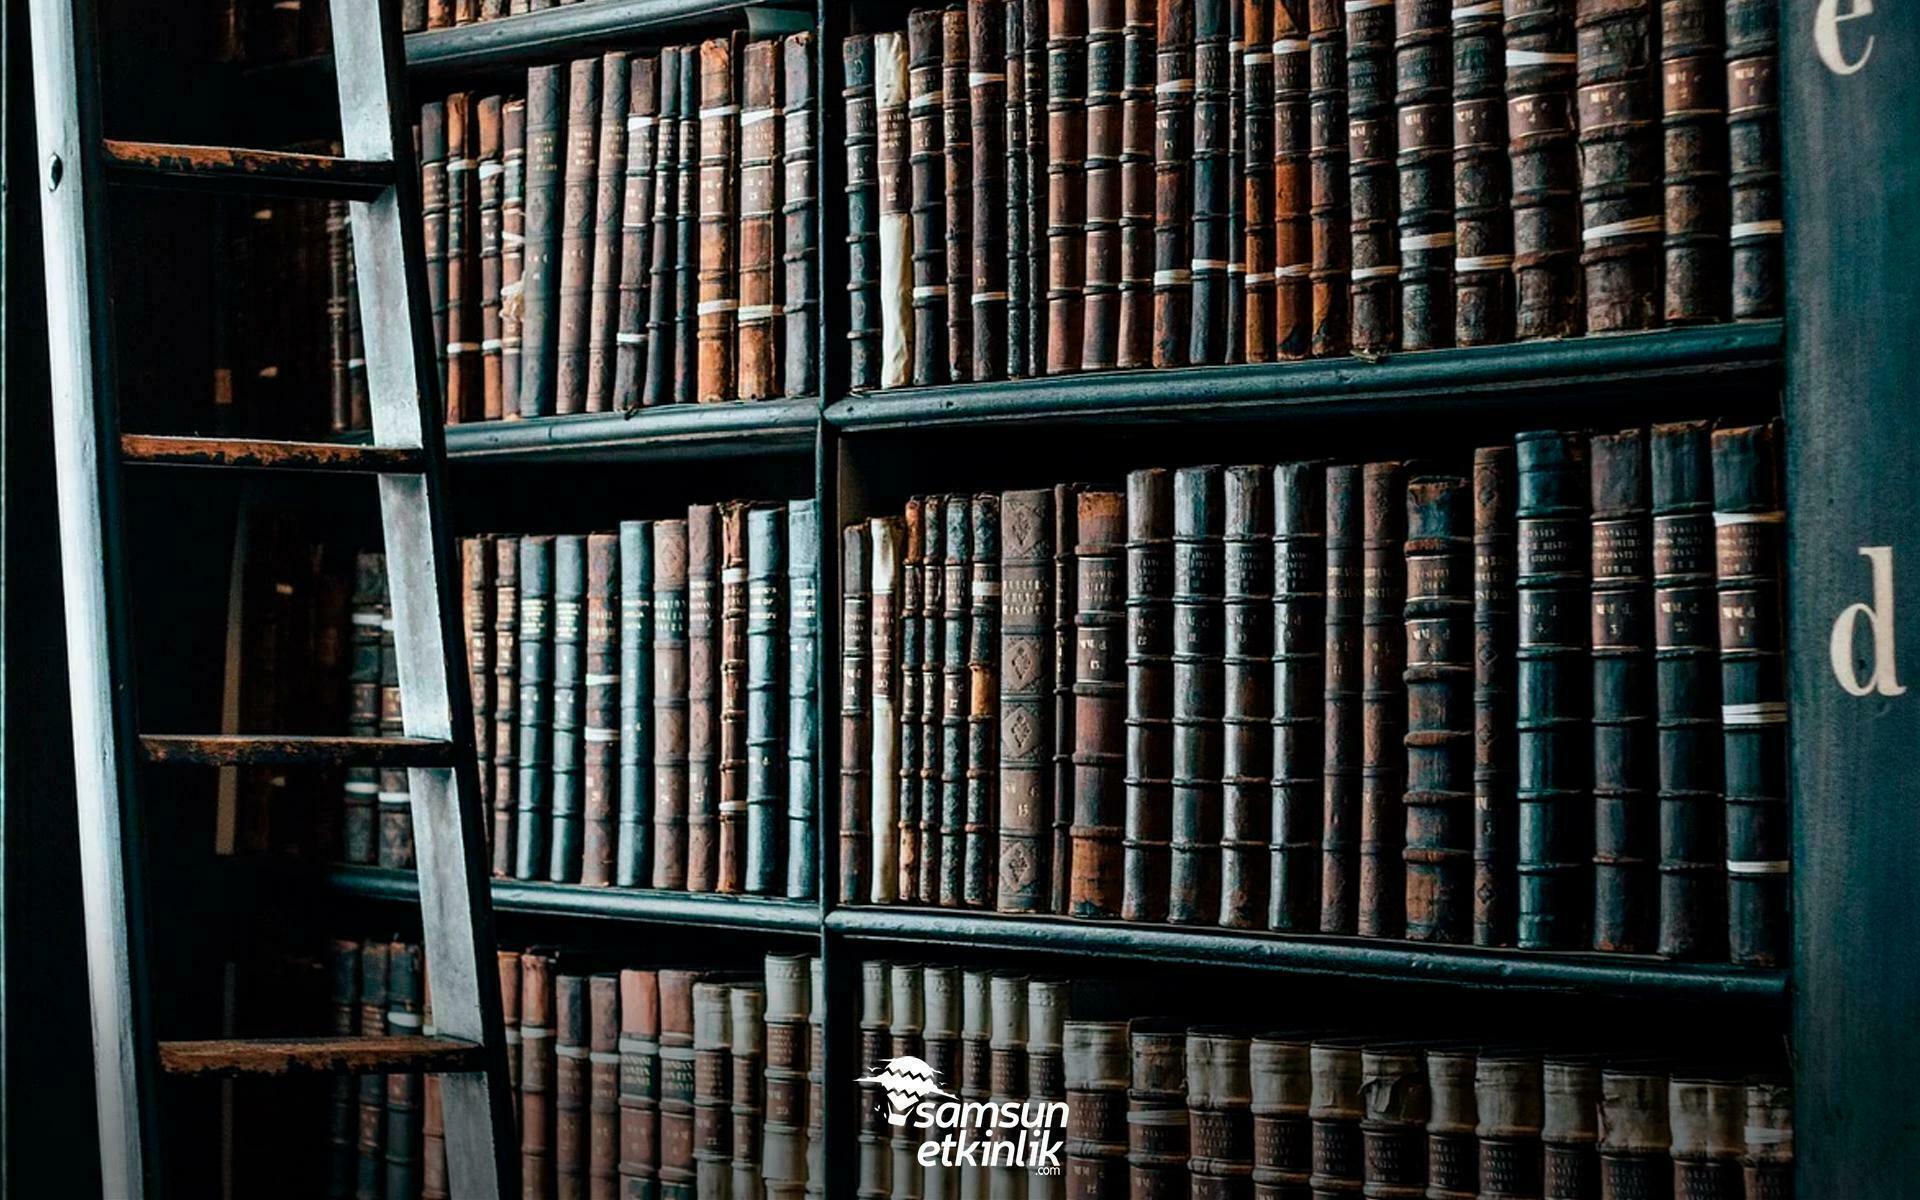 Dünyayı Şekillendiren 10 Kitap!